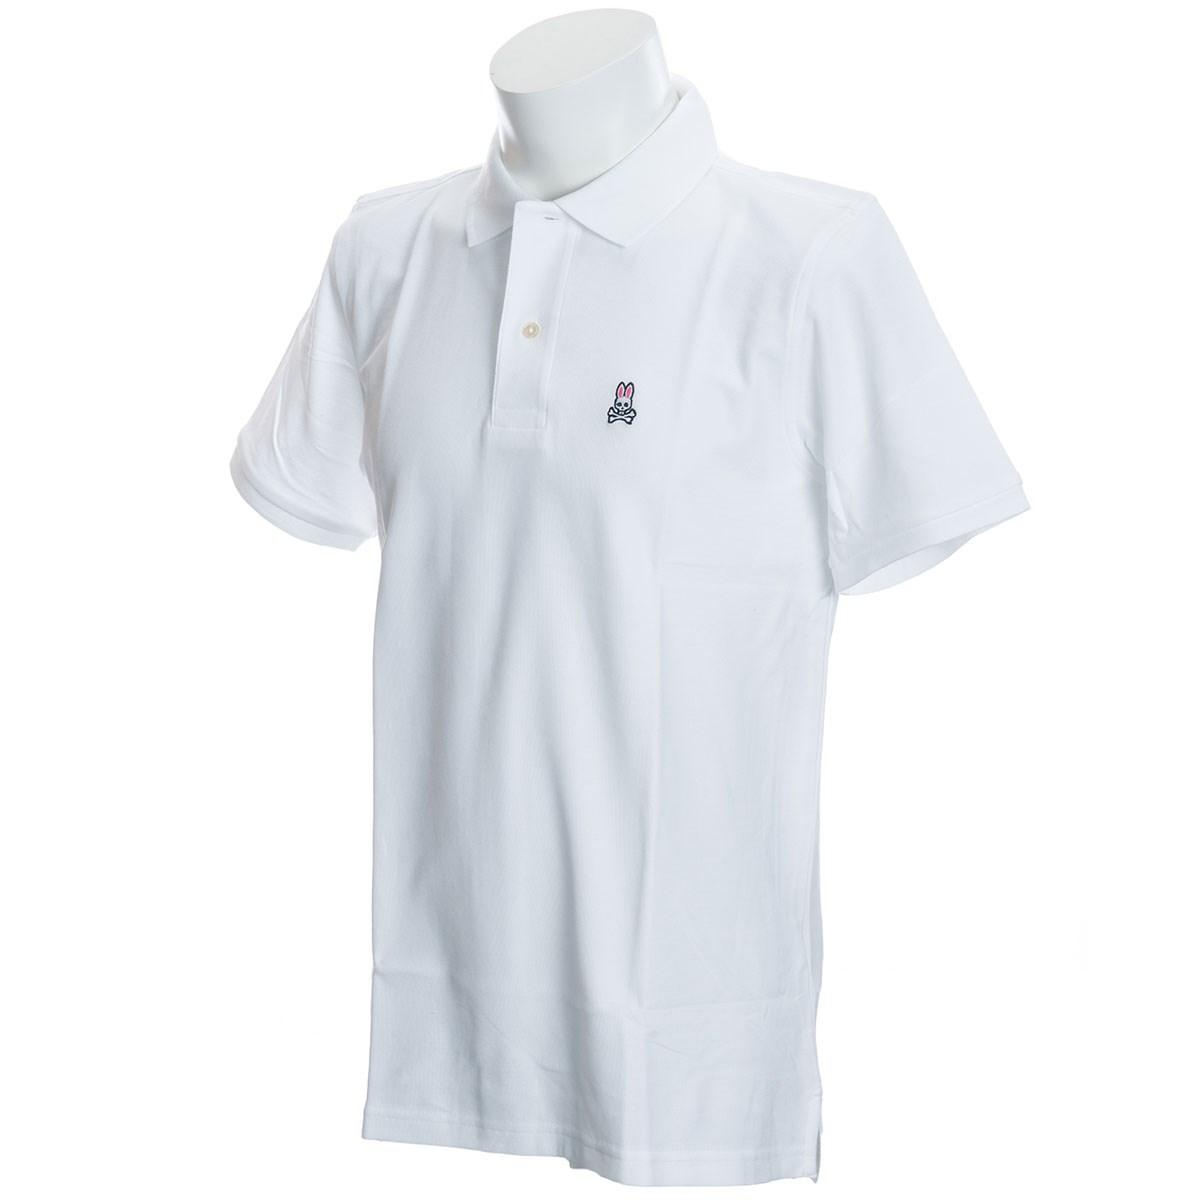 サイコバニー 半袖ポロシャツ